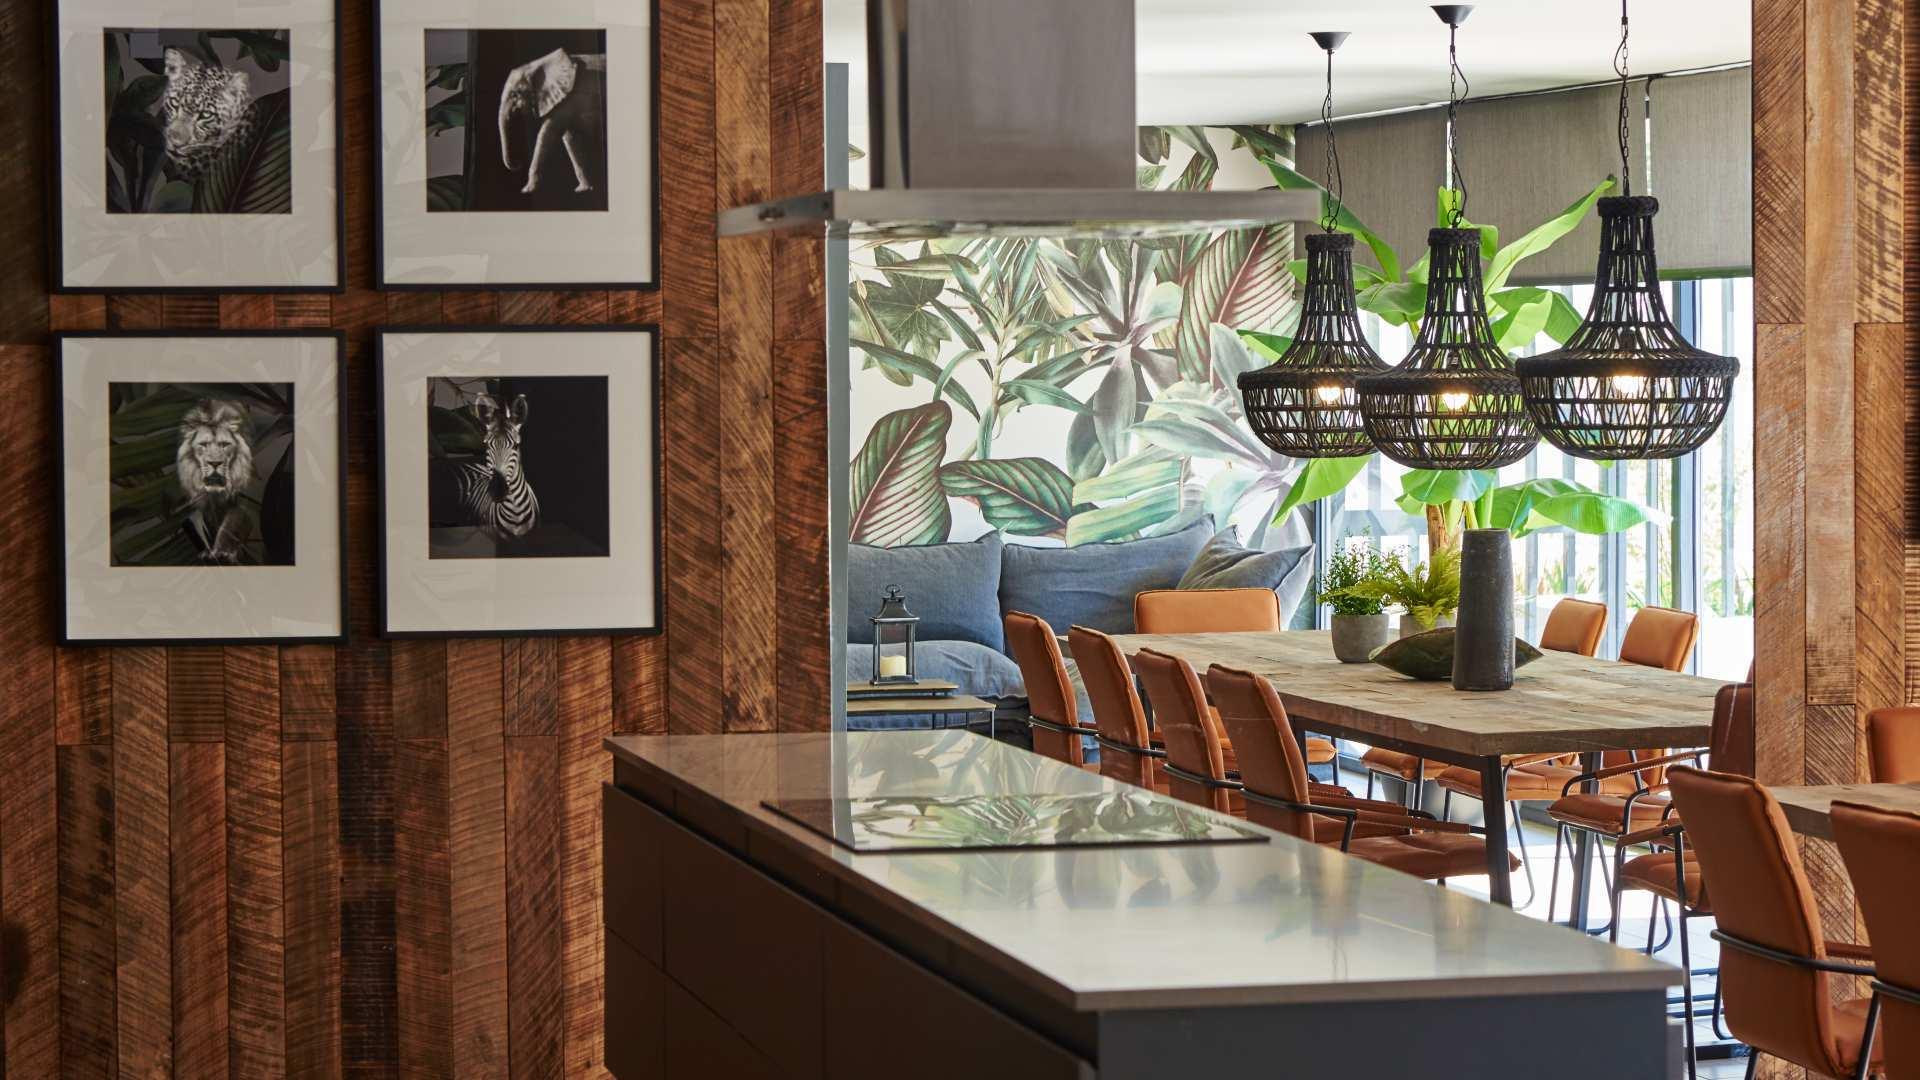 Ventajas de elegir un edificio con amenities para comprar